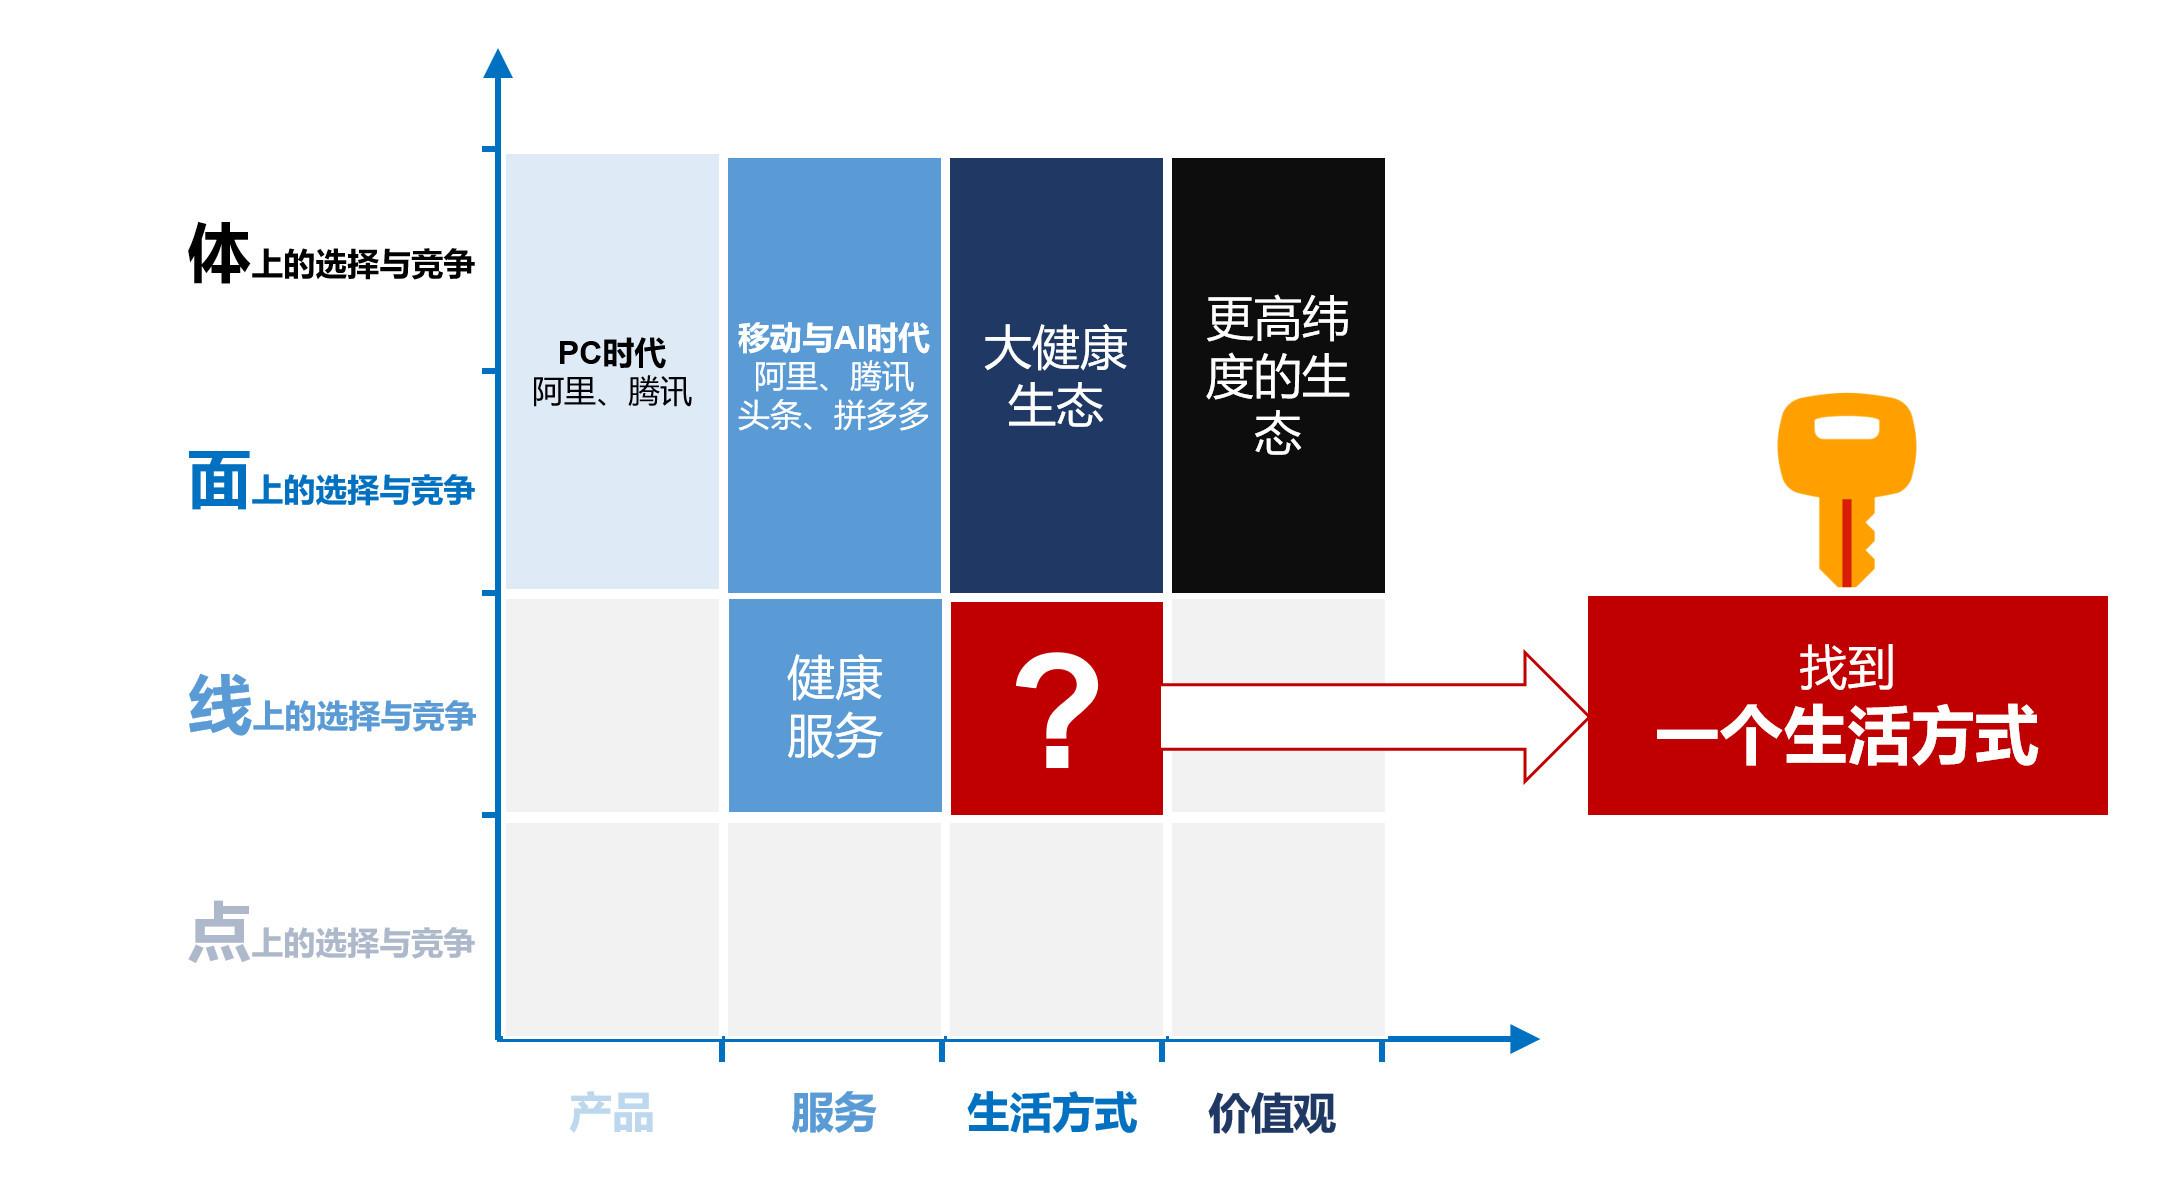 图12:一个生活方式的服务 来源:李有龙《保险业生态战略系列培训课程》